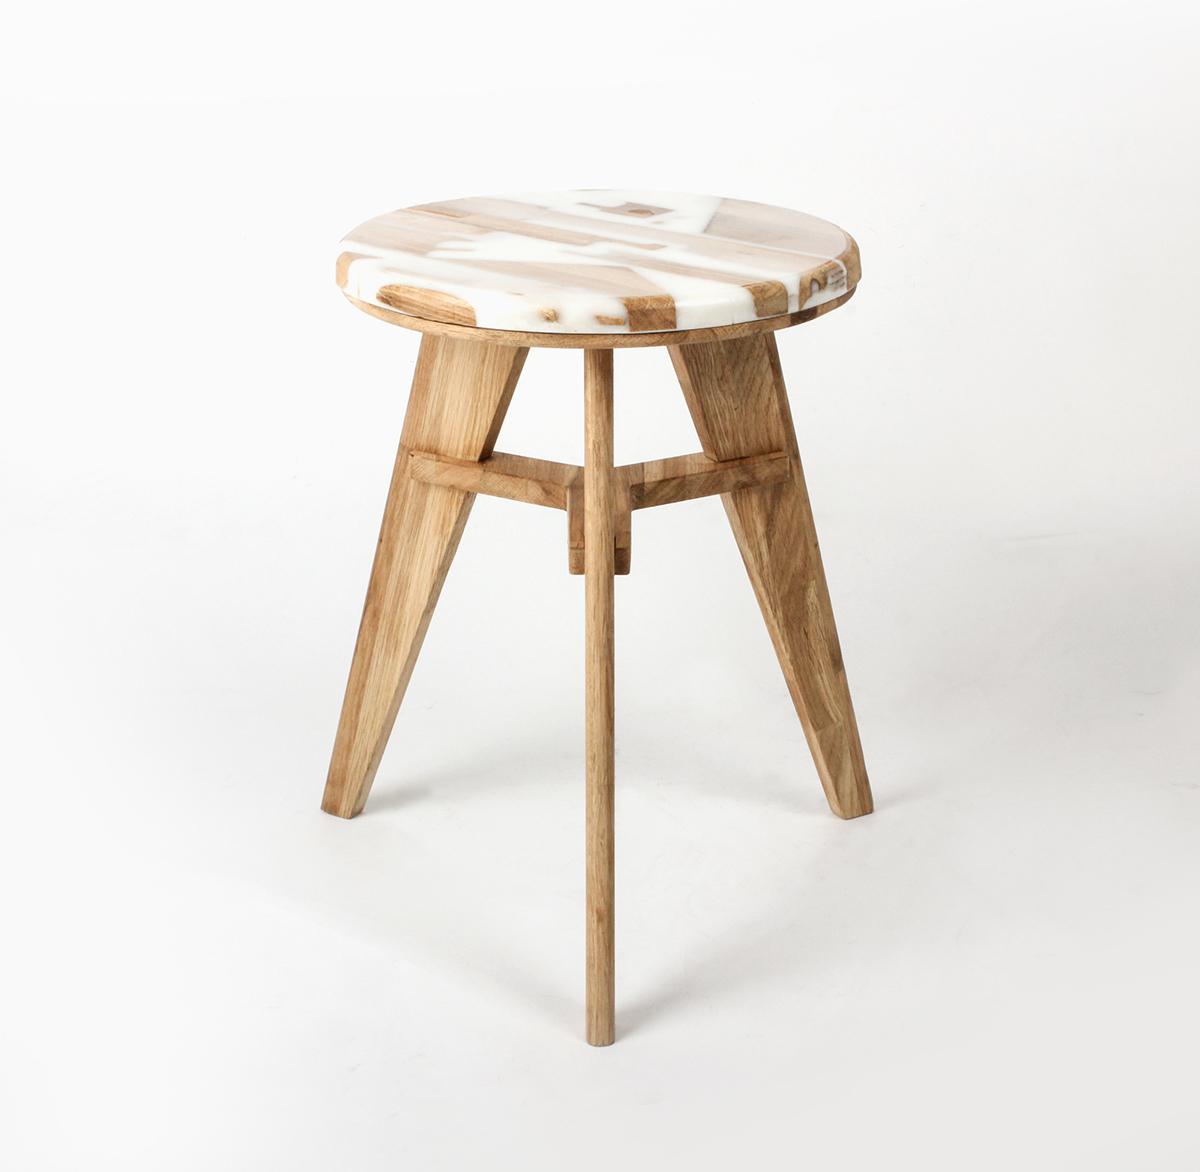 zero-per-stool-3